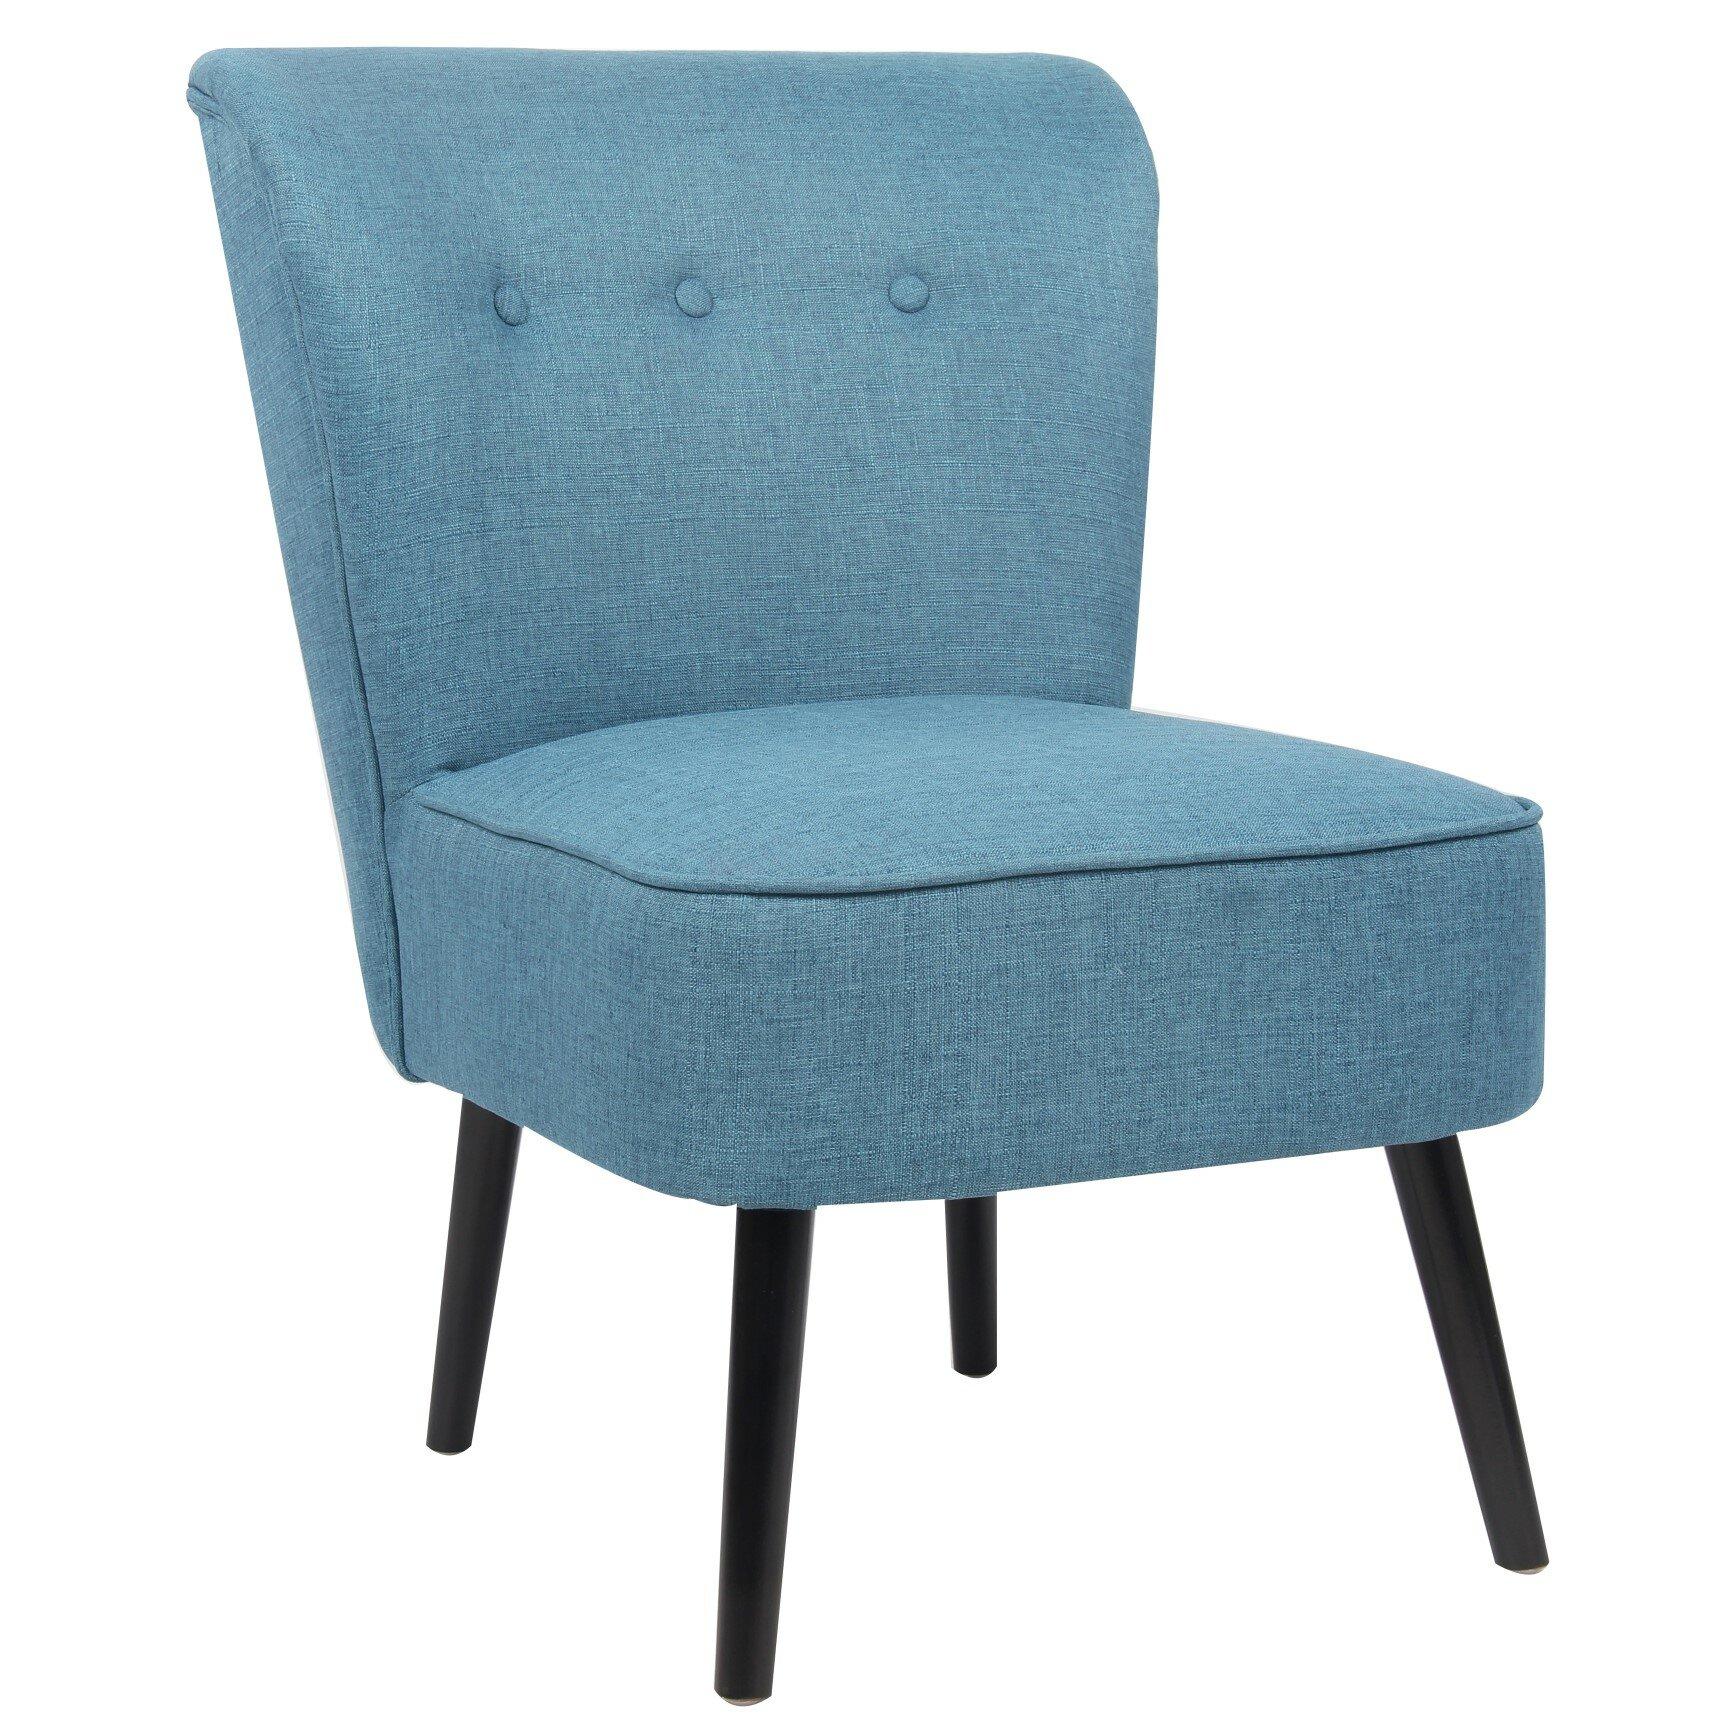 Porthos home teresa slipper chair reviews wayfair for Slipper chair